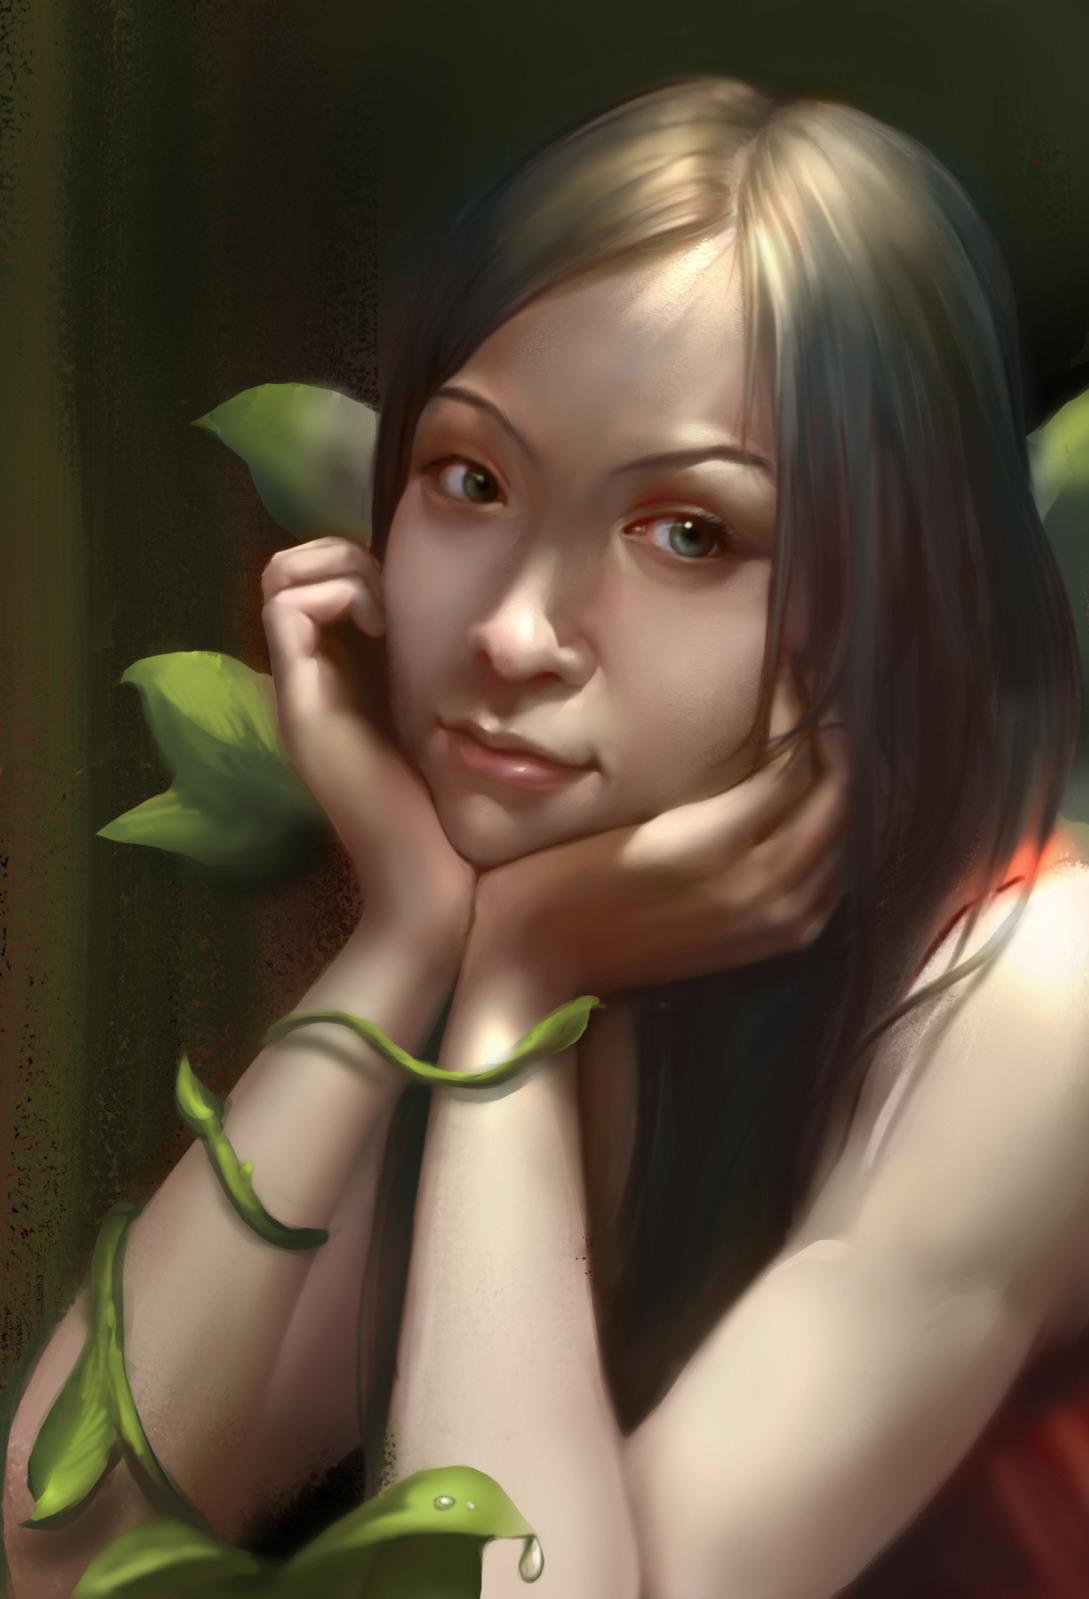 Art ID: 52816